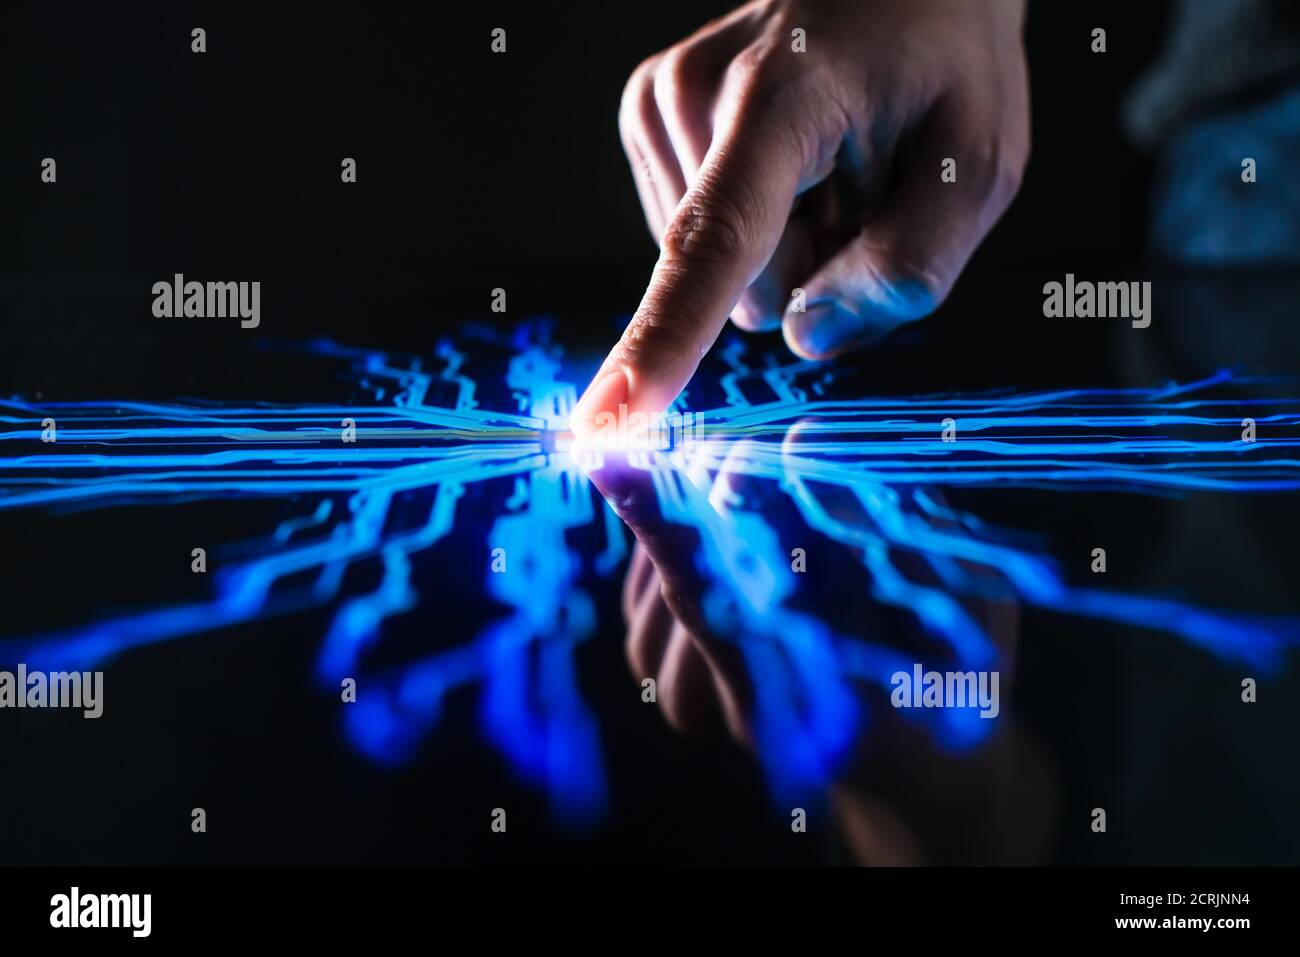 Concept de numérisation : le doigt humain appuie sur le bouton de l'écran tactile et active l'intelligence artificielle futuriste. Visualisation de l'apprentissage machine Banque D'Images